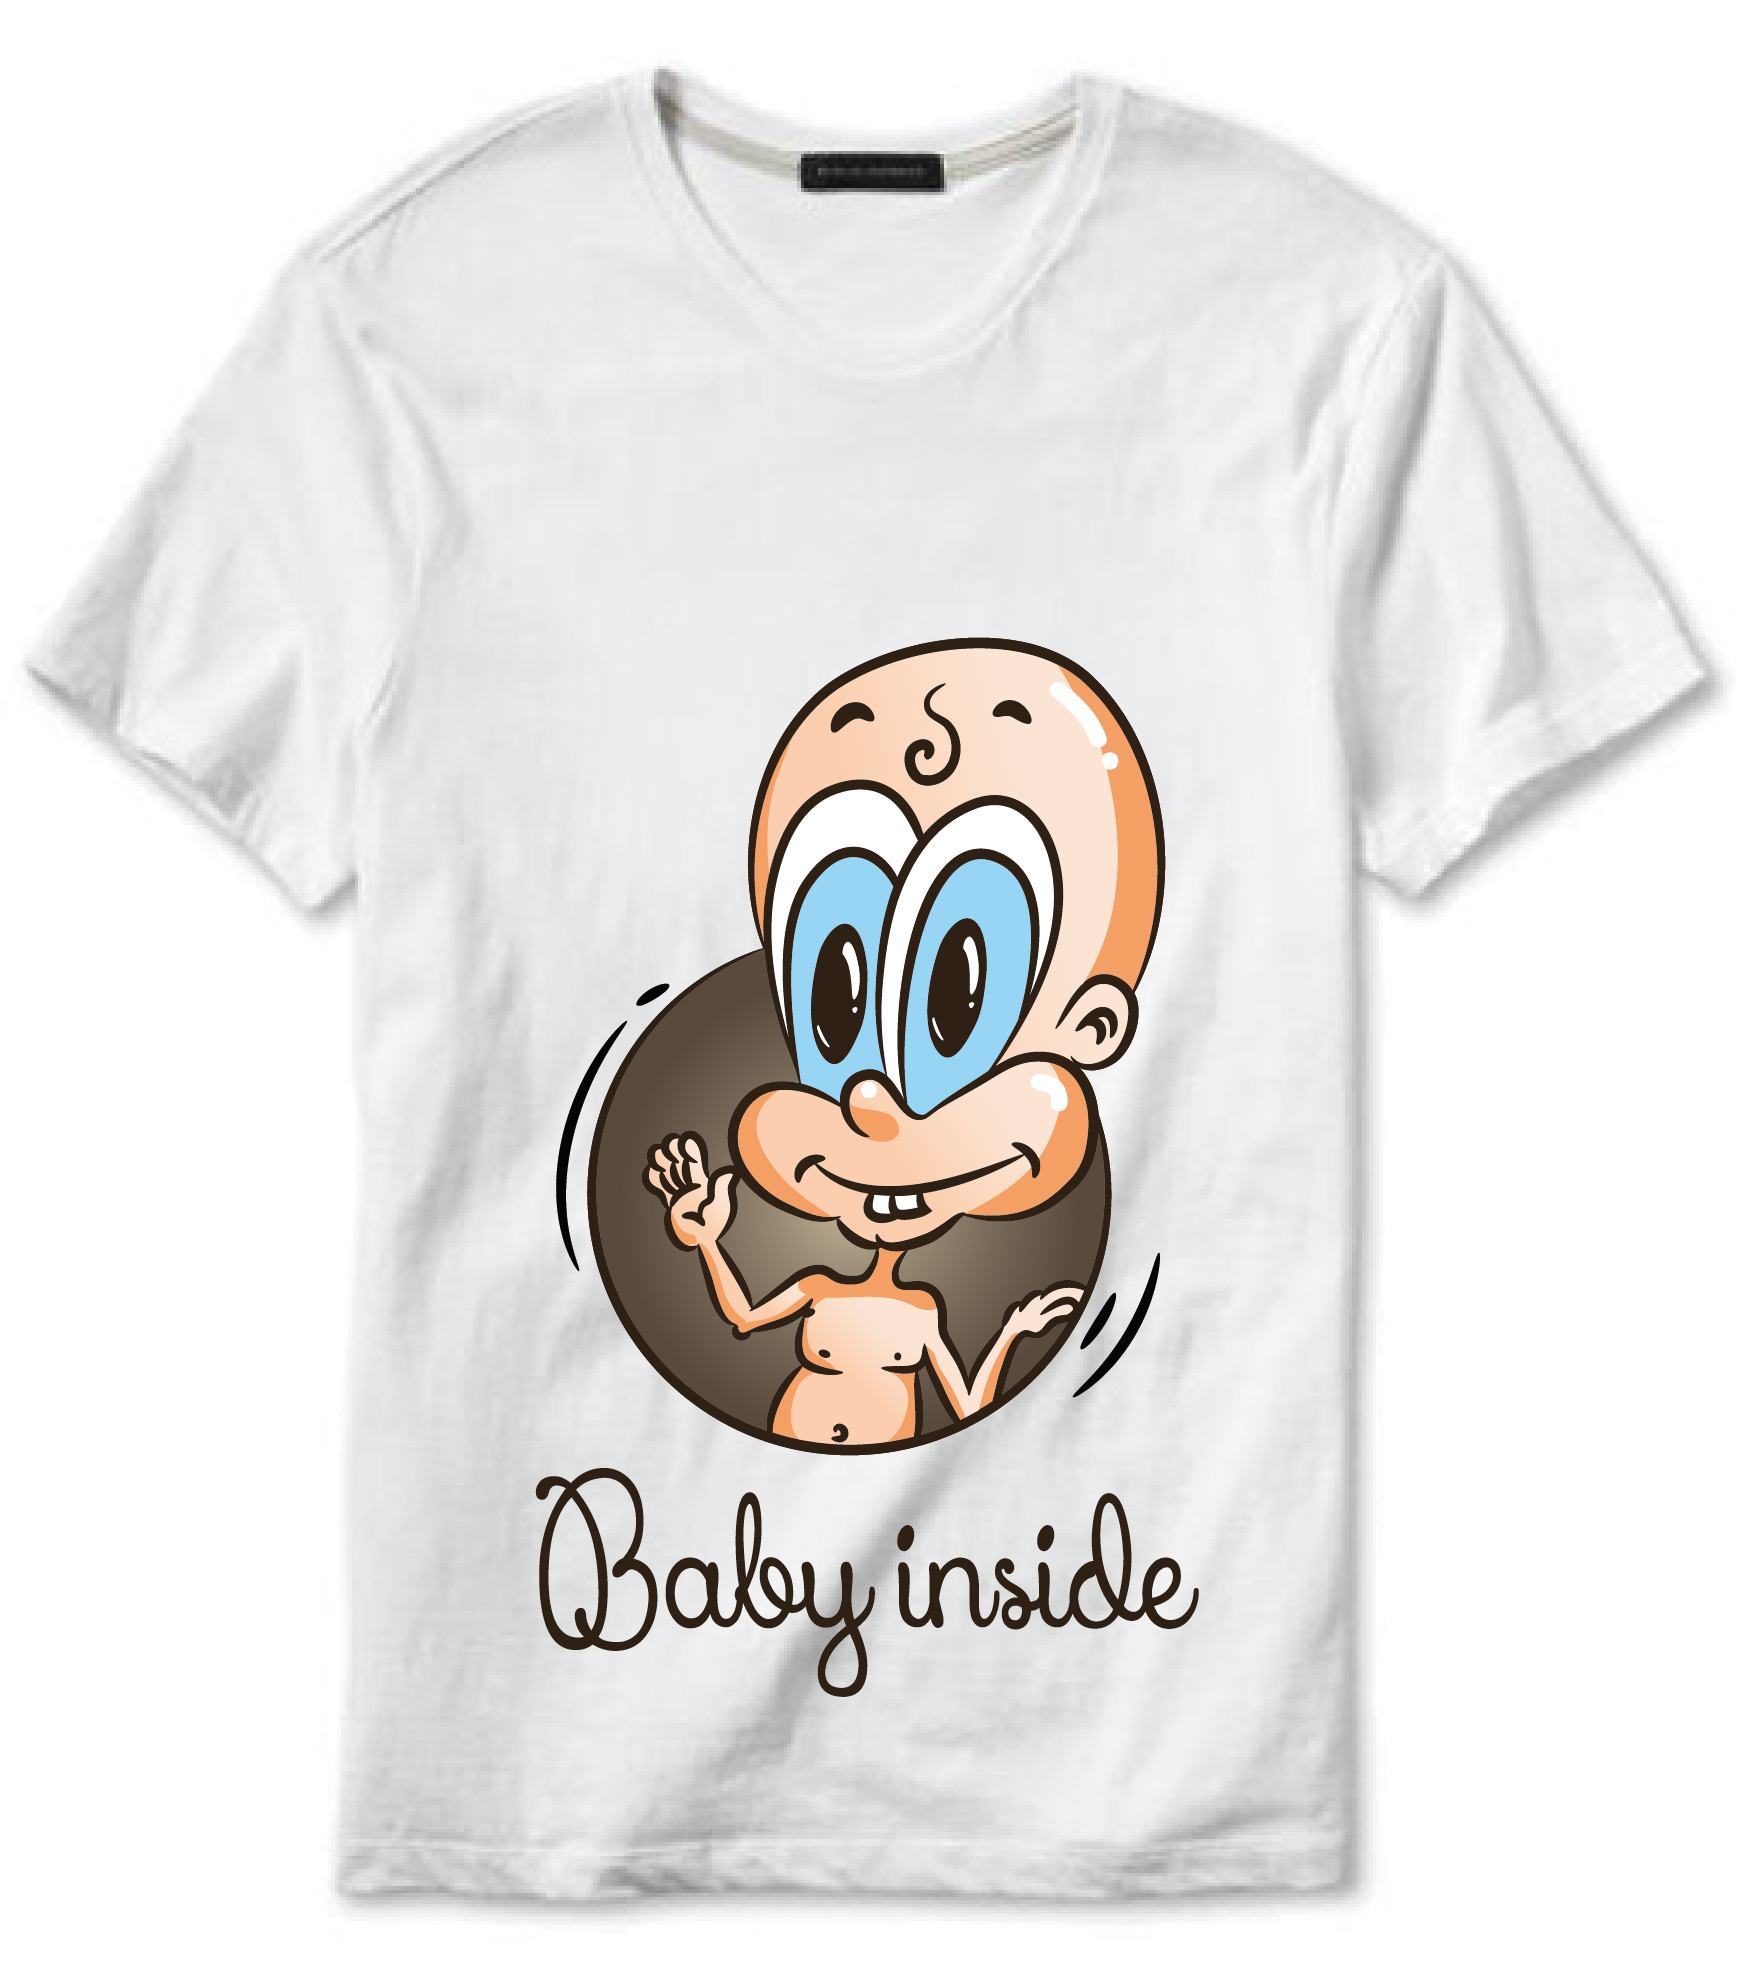 """Projekt koszulki """"Baby inside"""" - koszulka do kupienia w sklepiku"""